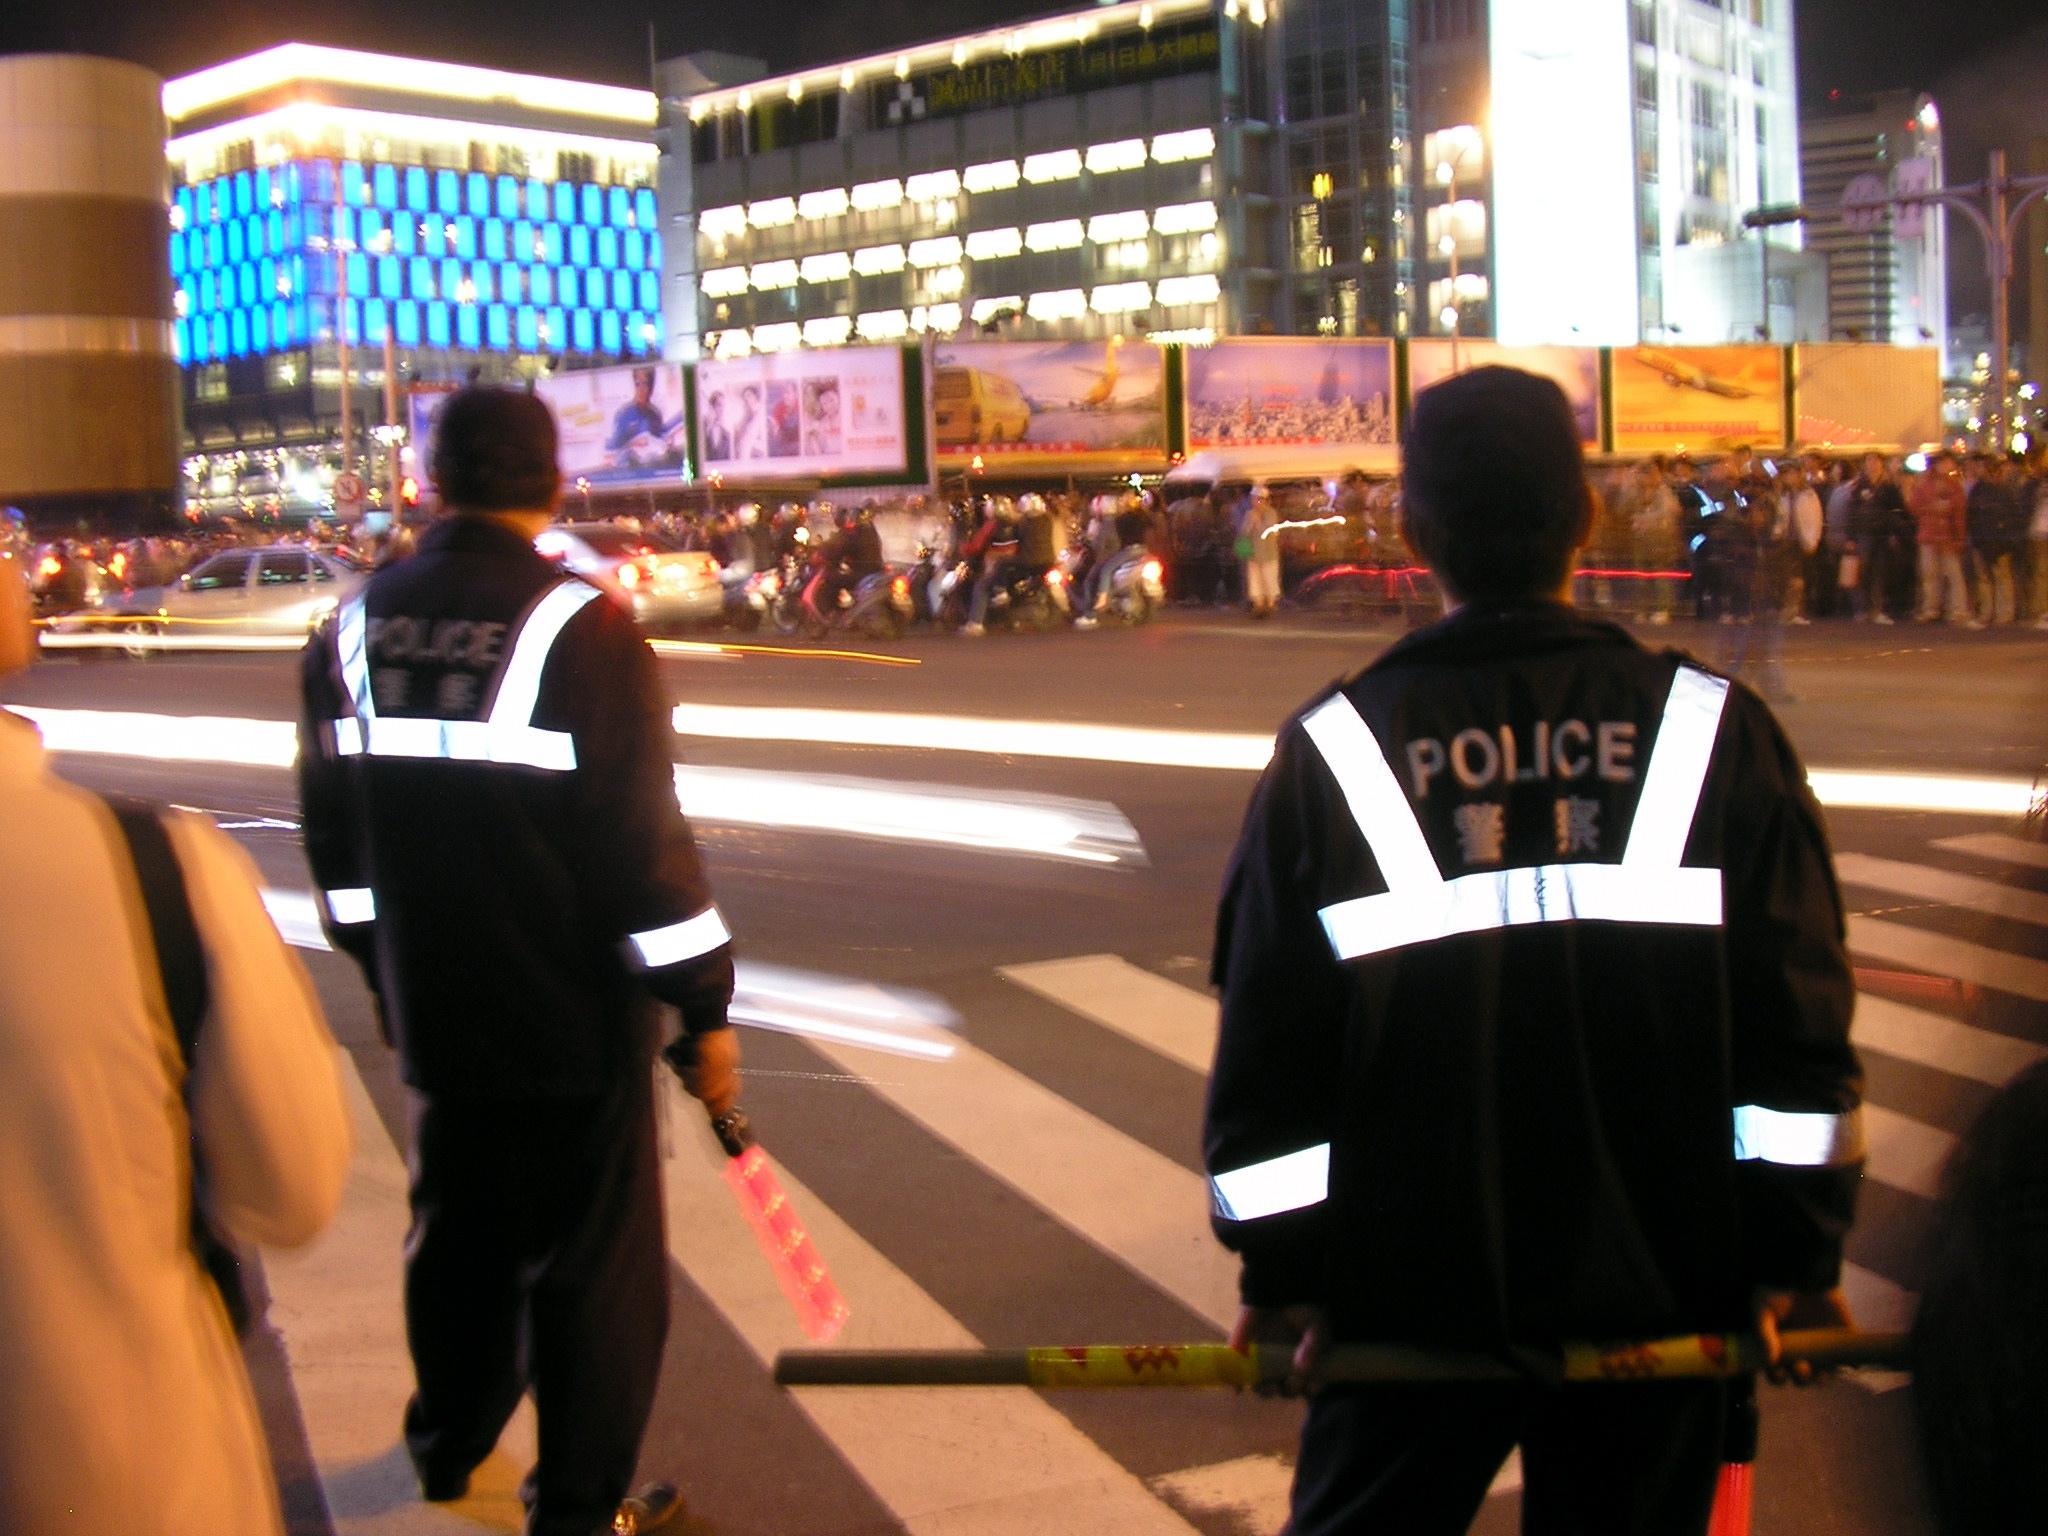 警察人力大缺 缺額逾7000人